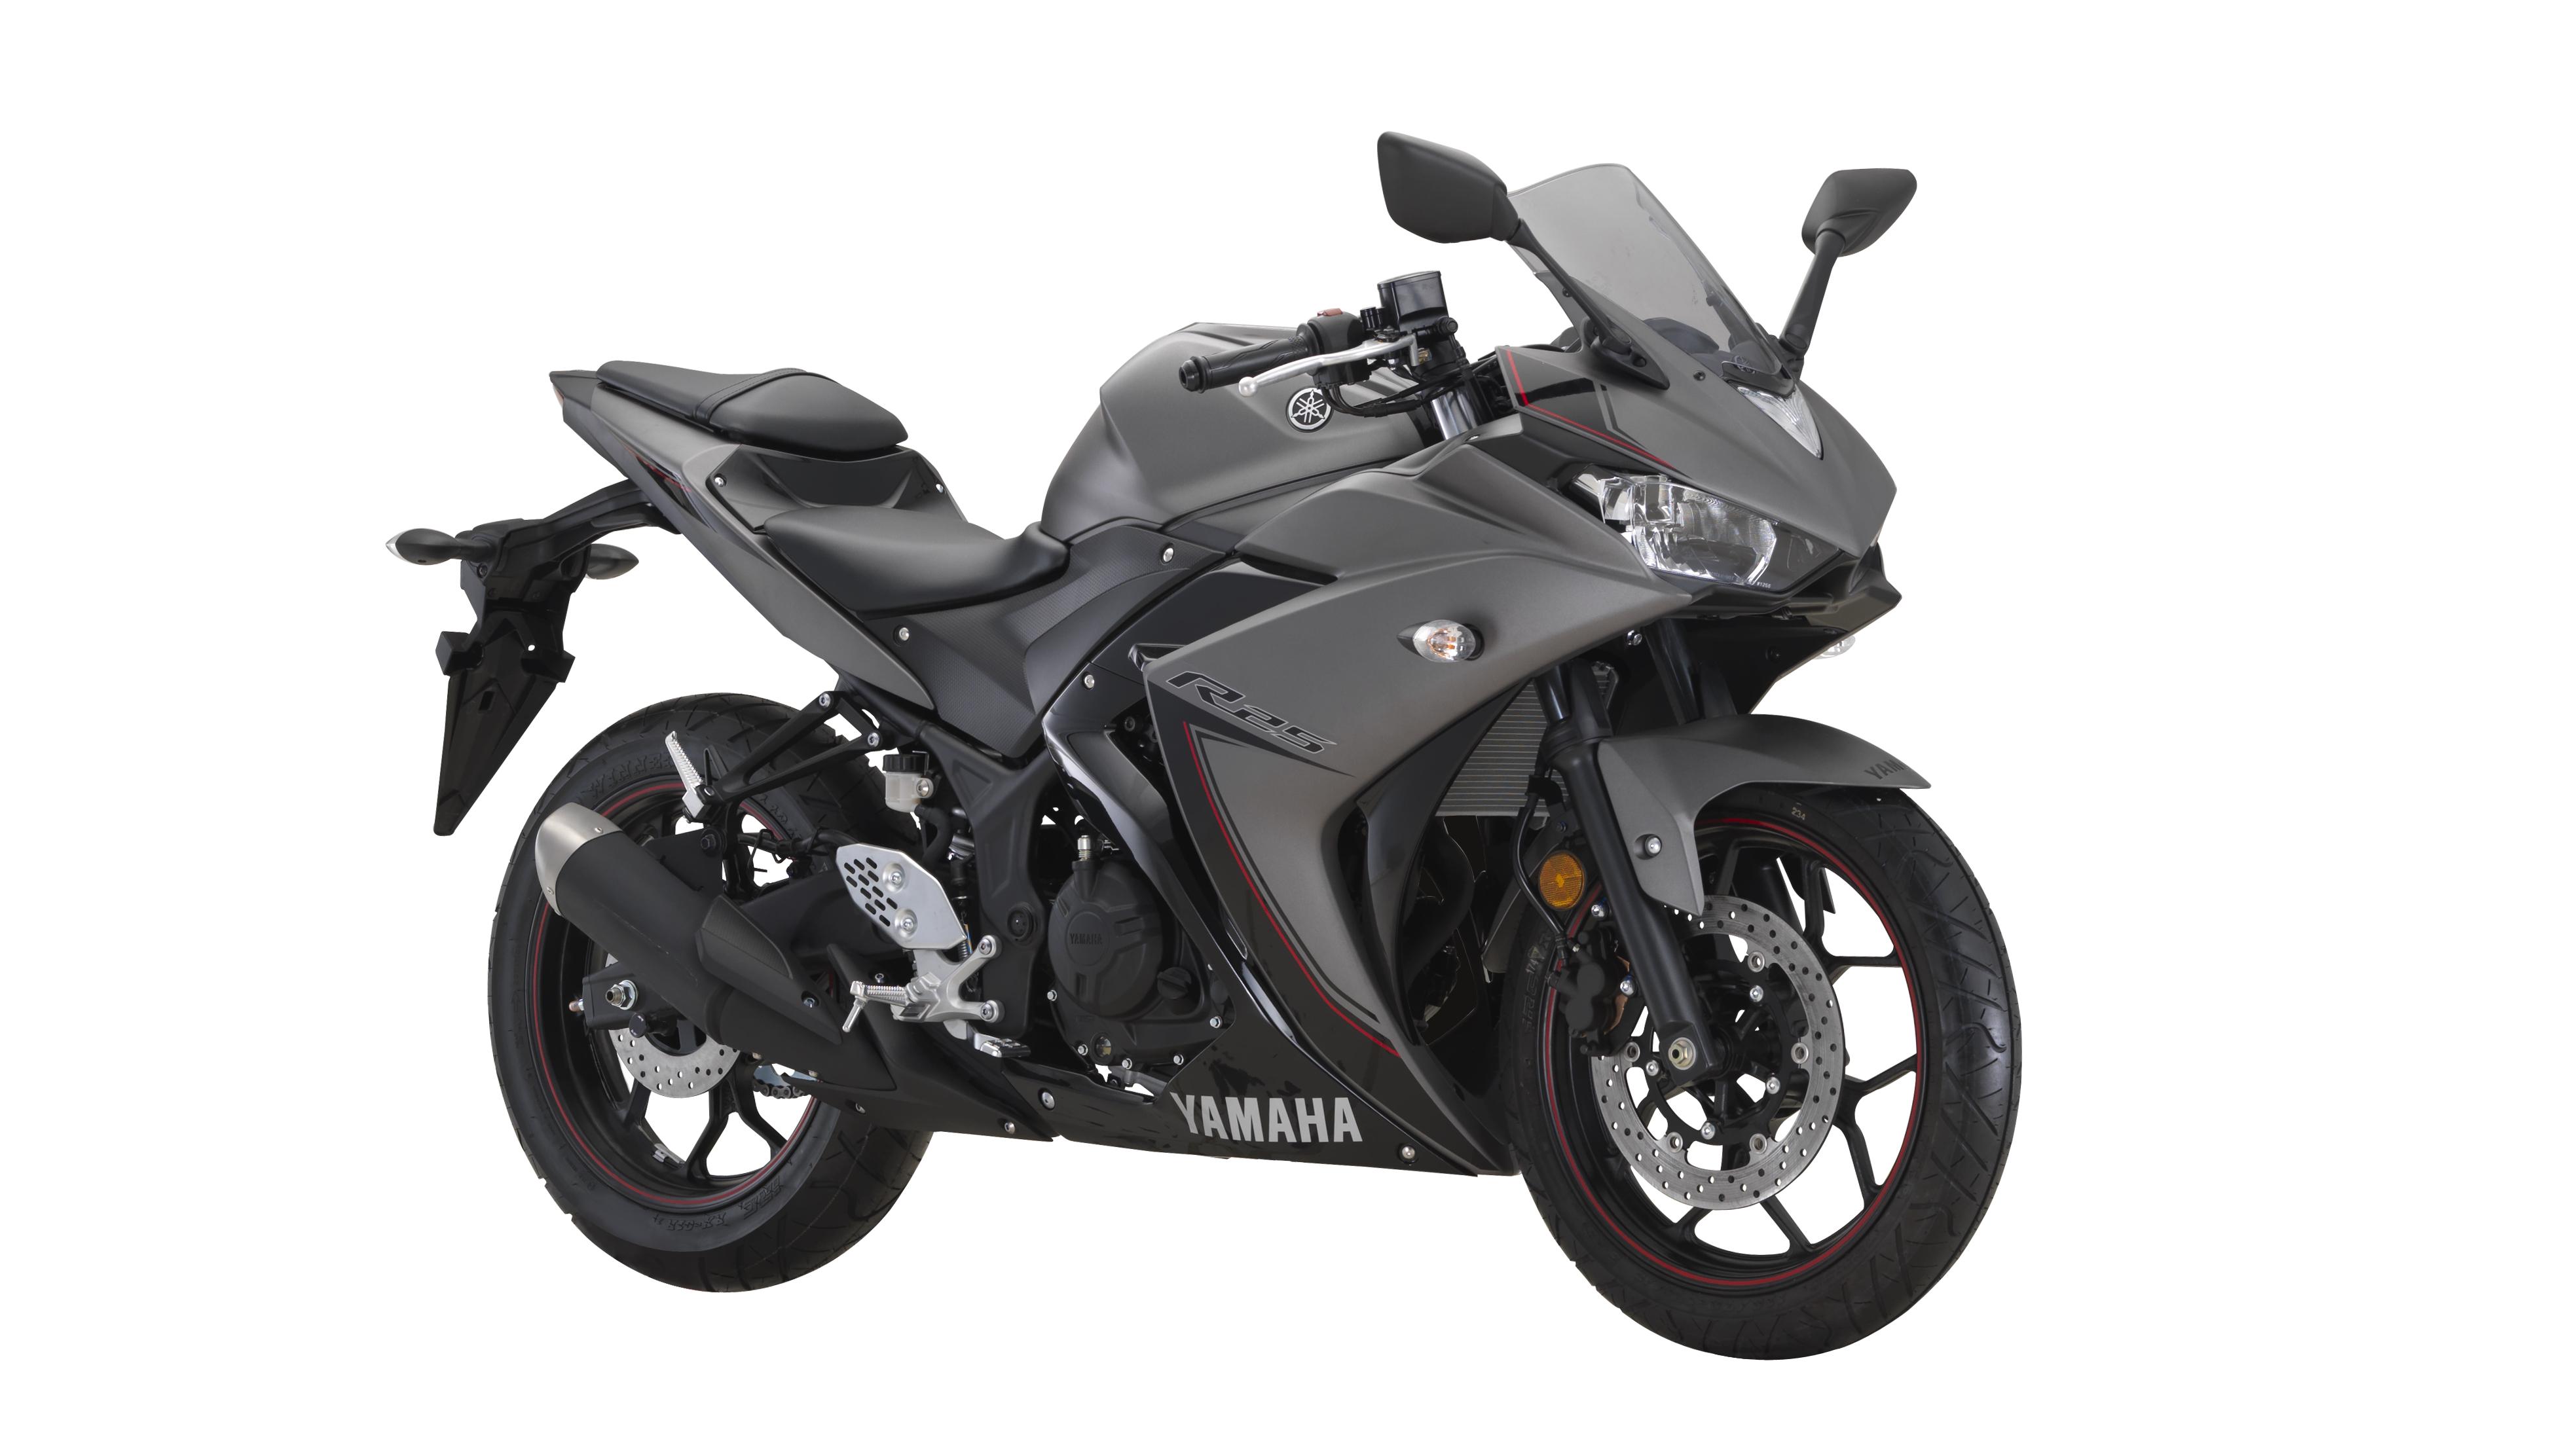 Yamaha R Price In Malaysia